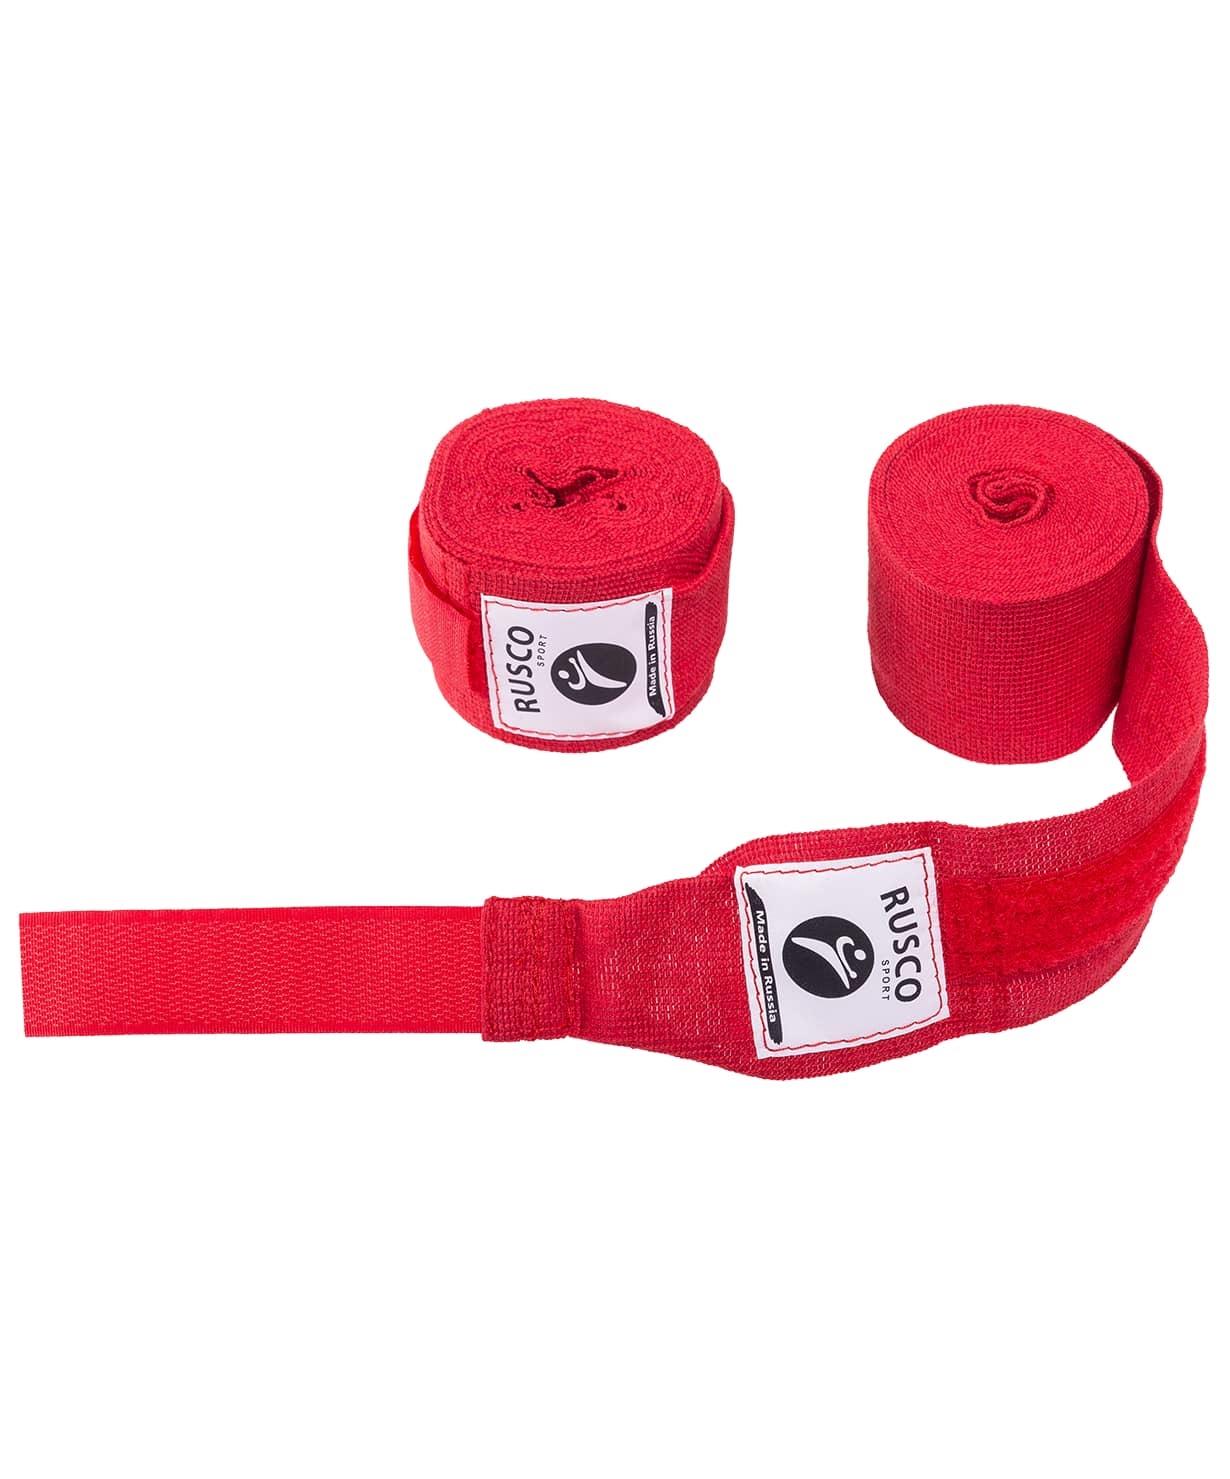 Бинт боксерский, 3,5 м, хлопок, красный